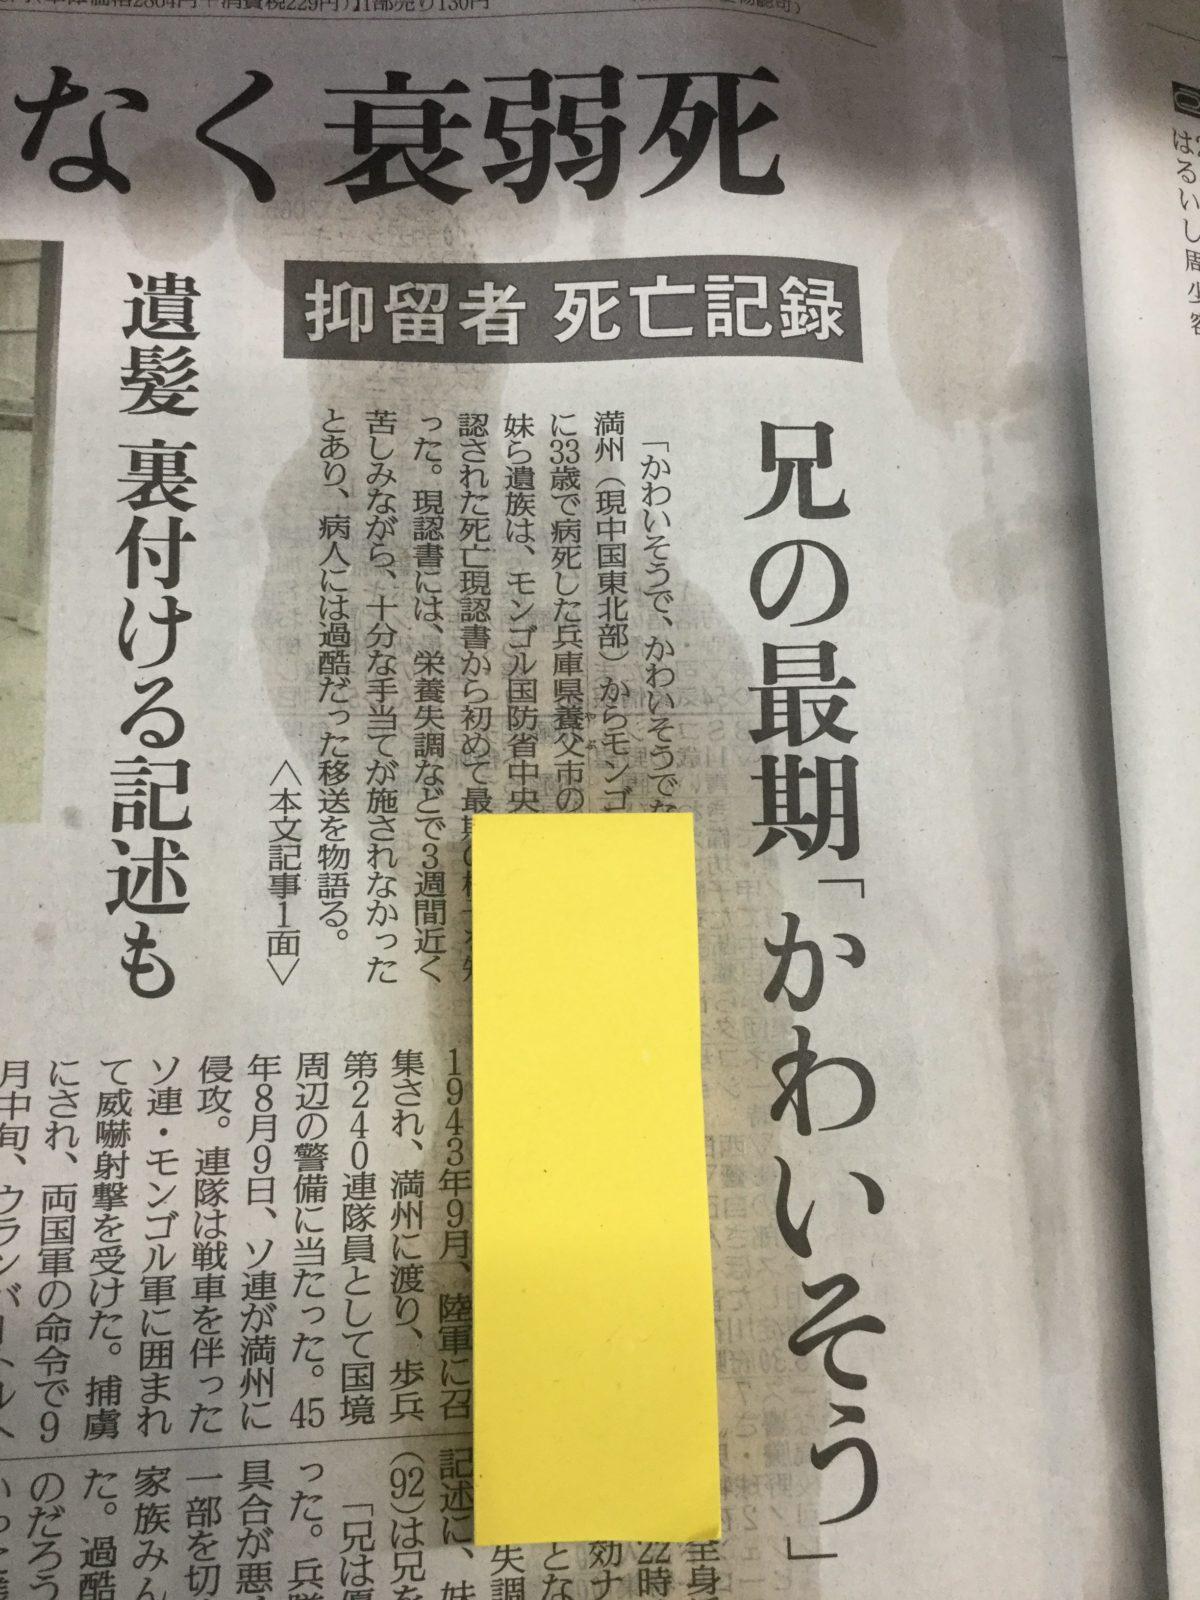 8月3日の読売新聞の社会面の記事